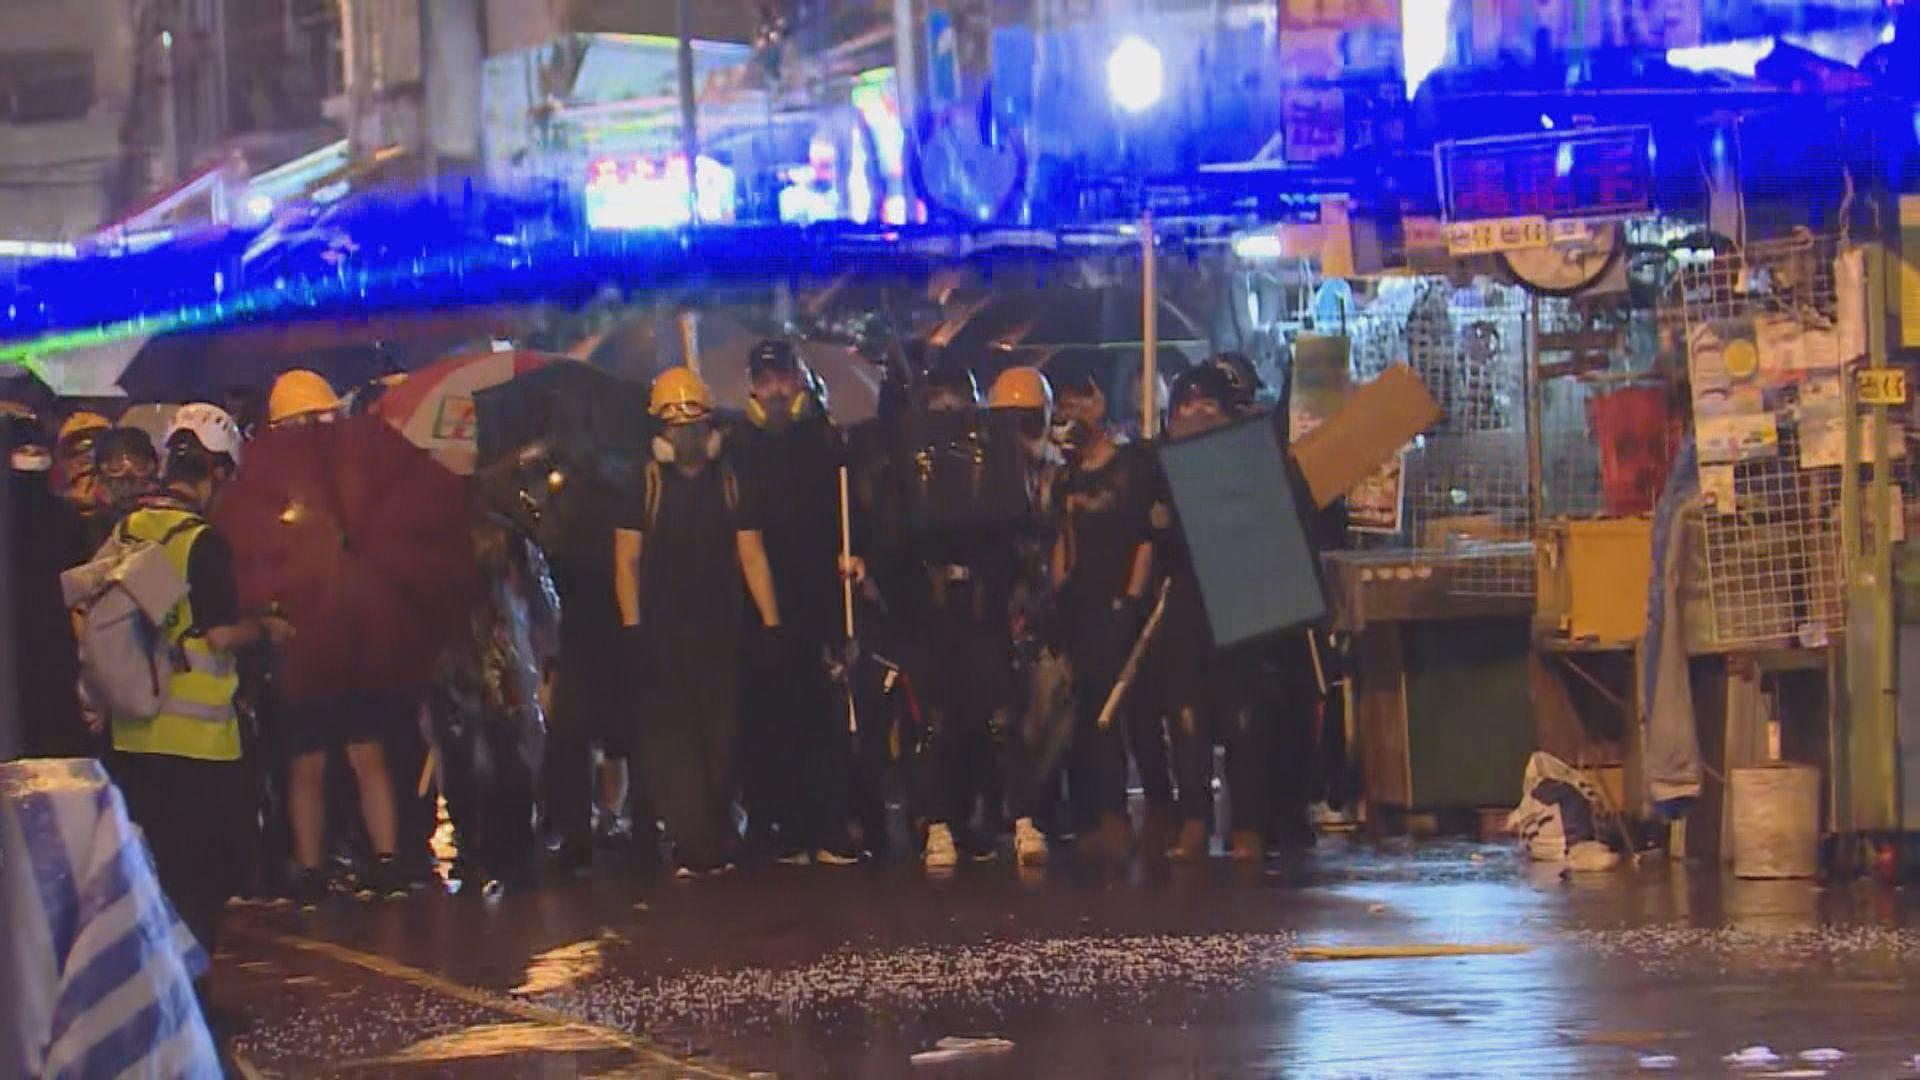 深水埗警署有示威者聚集